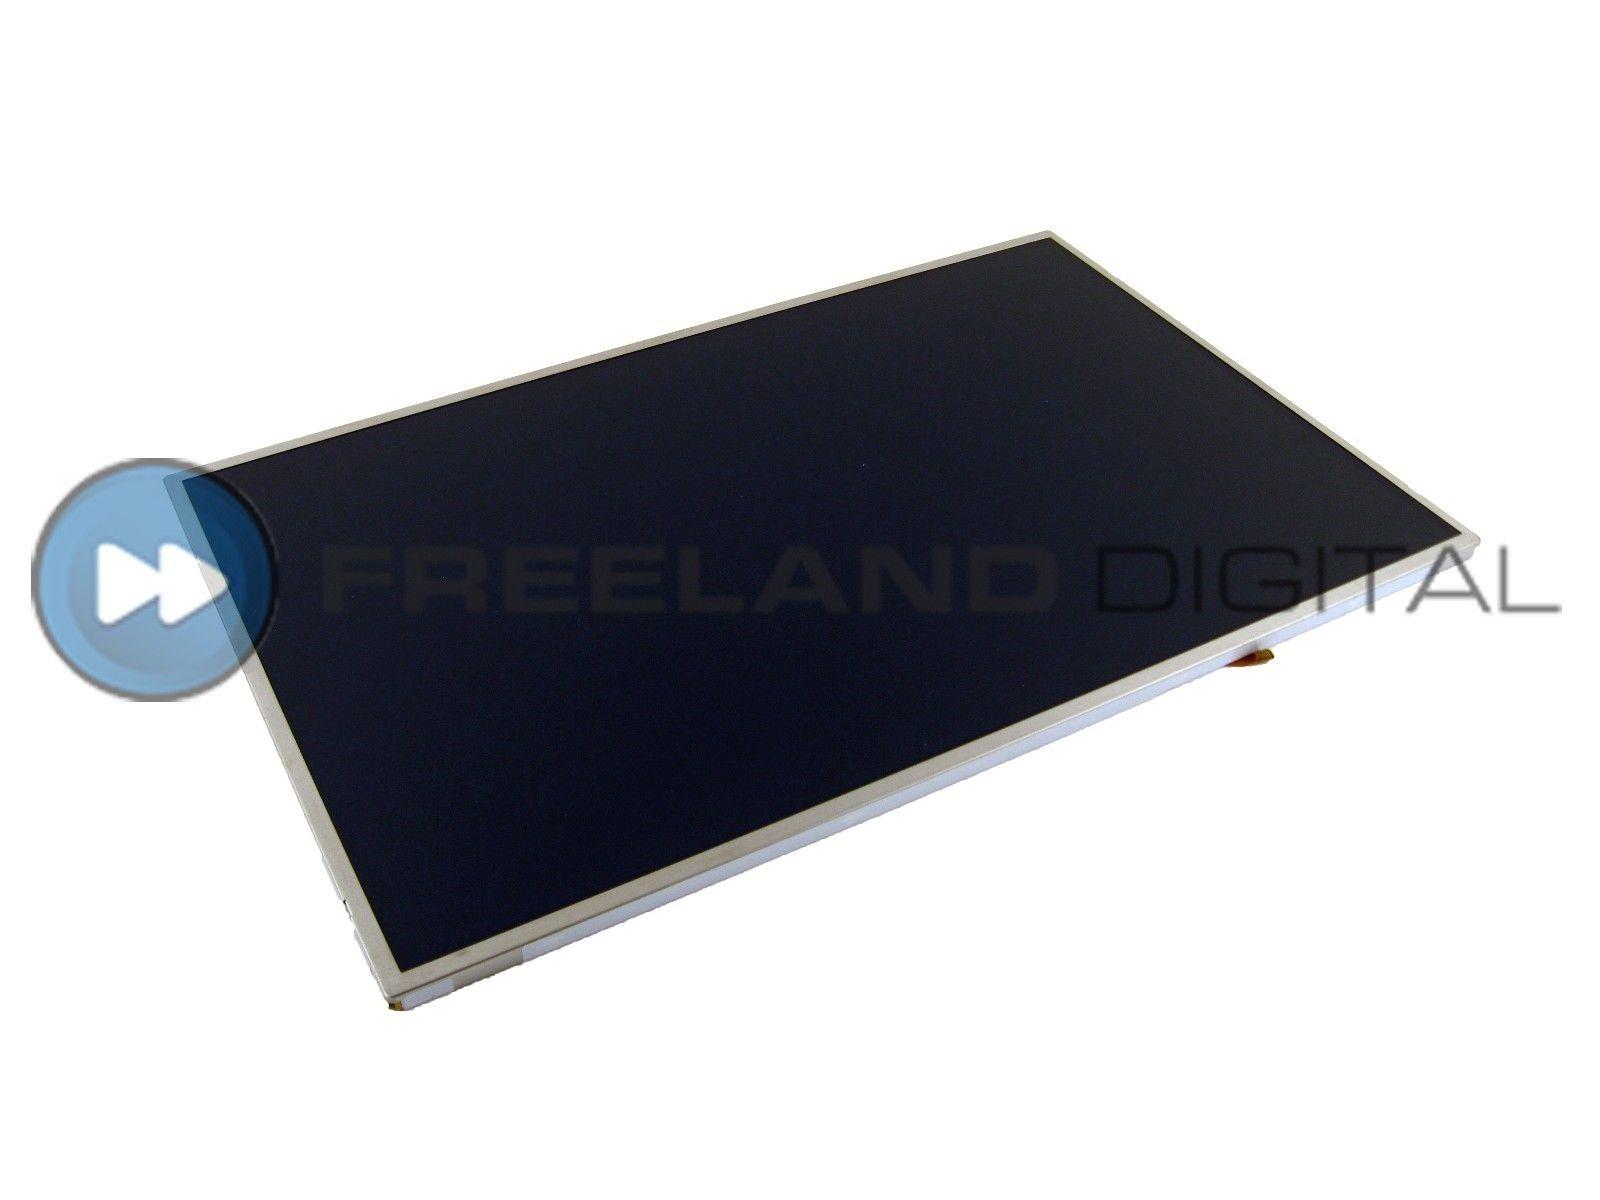 D353H Dell Latitude E6500 Precision M4400 WXGA LCD CHI MEI N154l6-L02